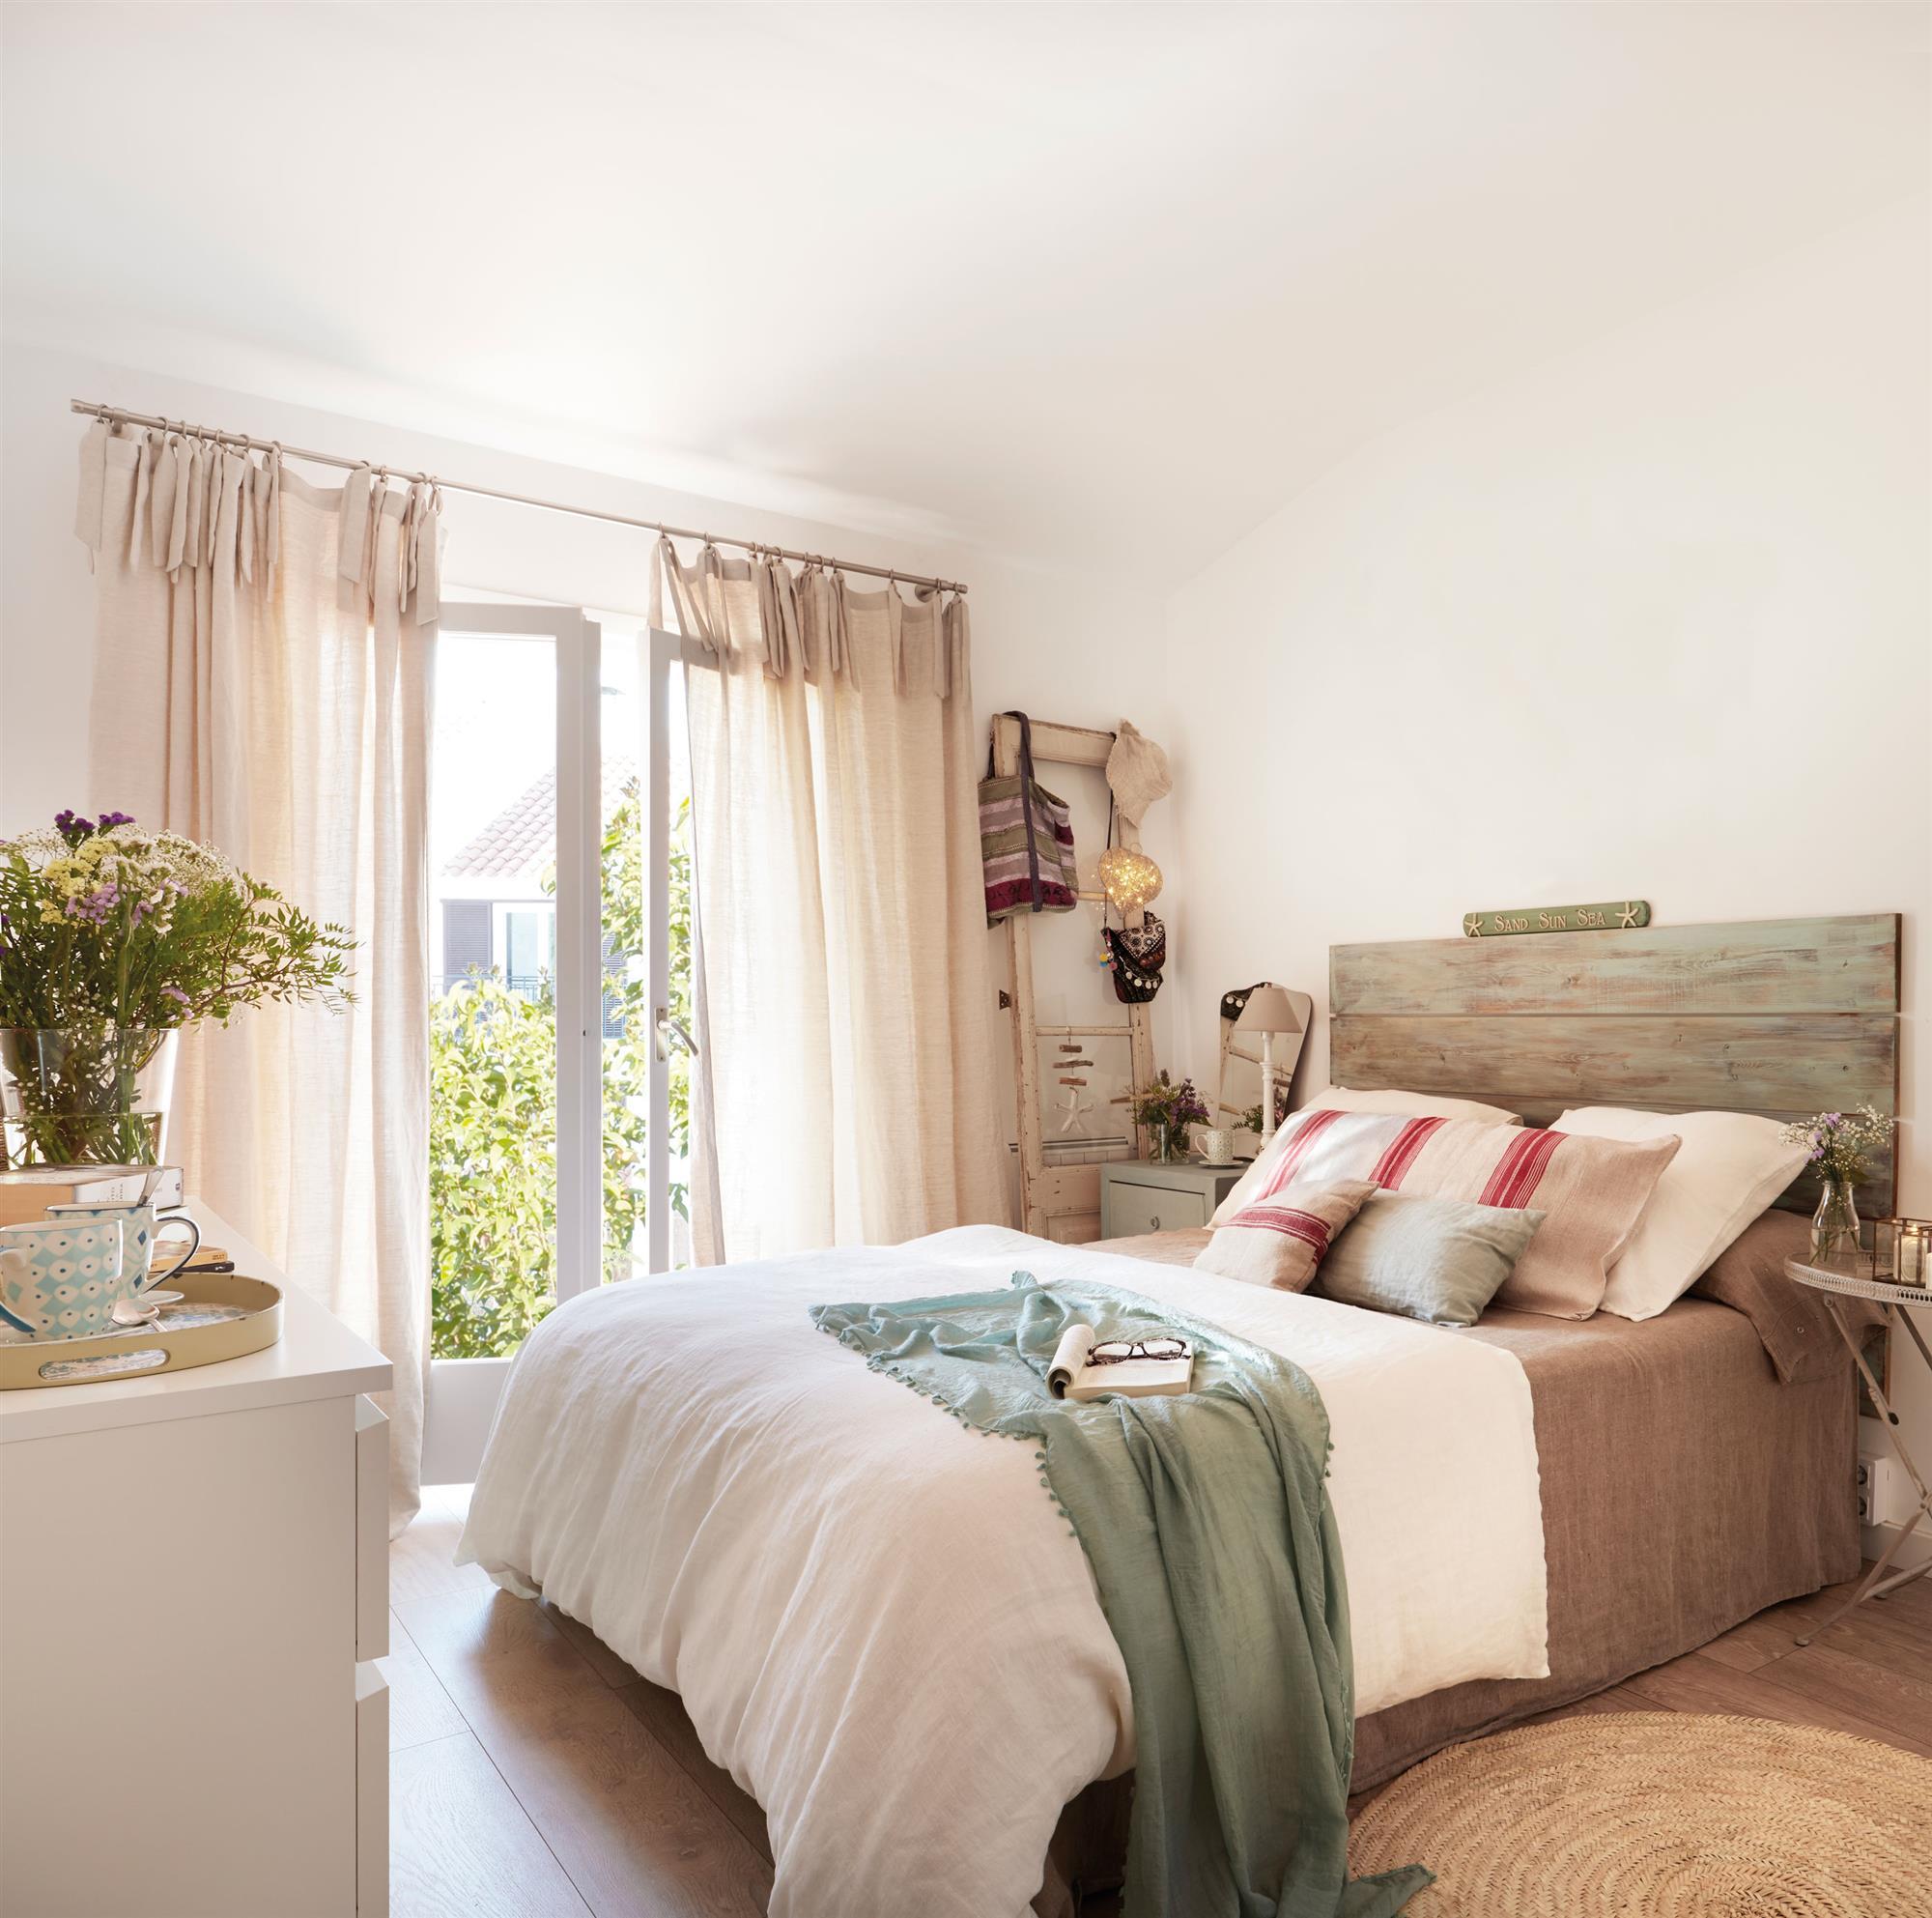 Cabeceros de cama de madera r sticos decorados o - Cabeceros en madera ...